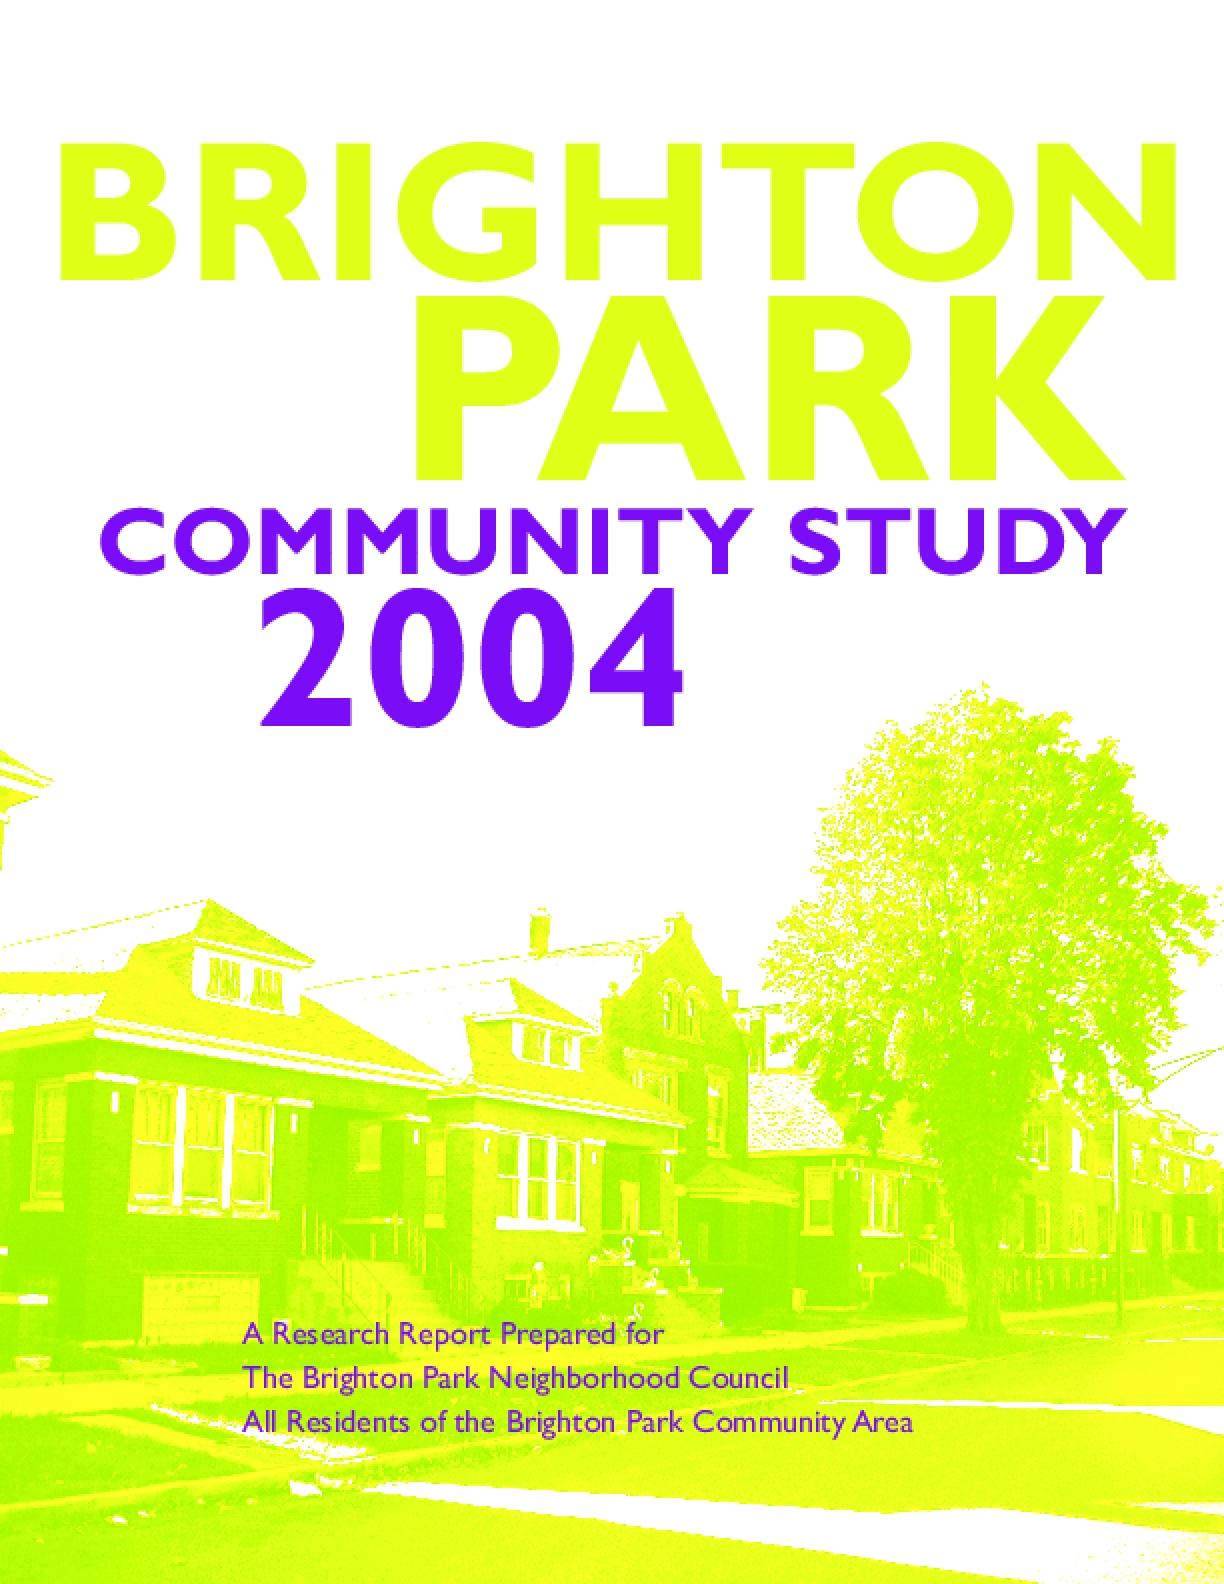 Brighton Park Community Study 2004